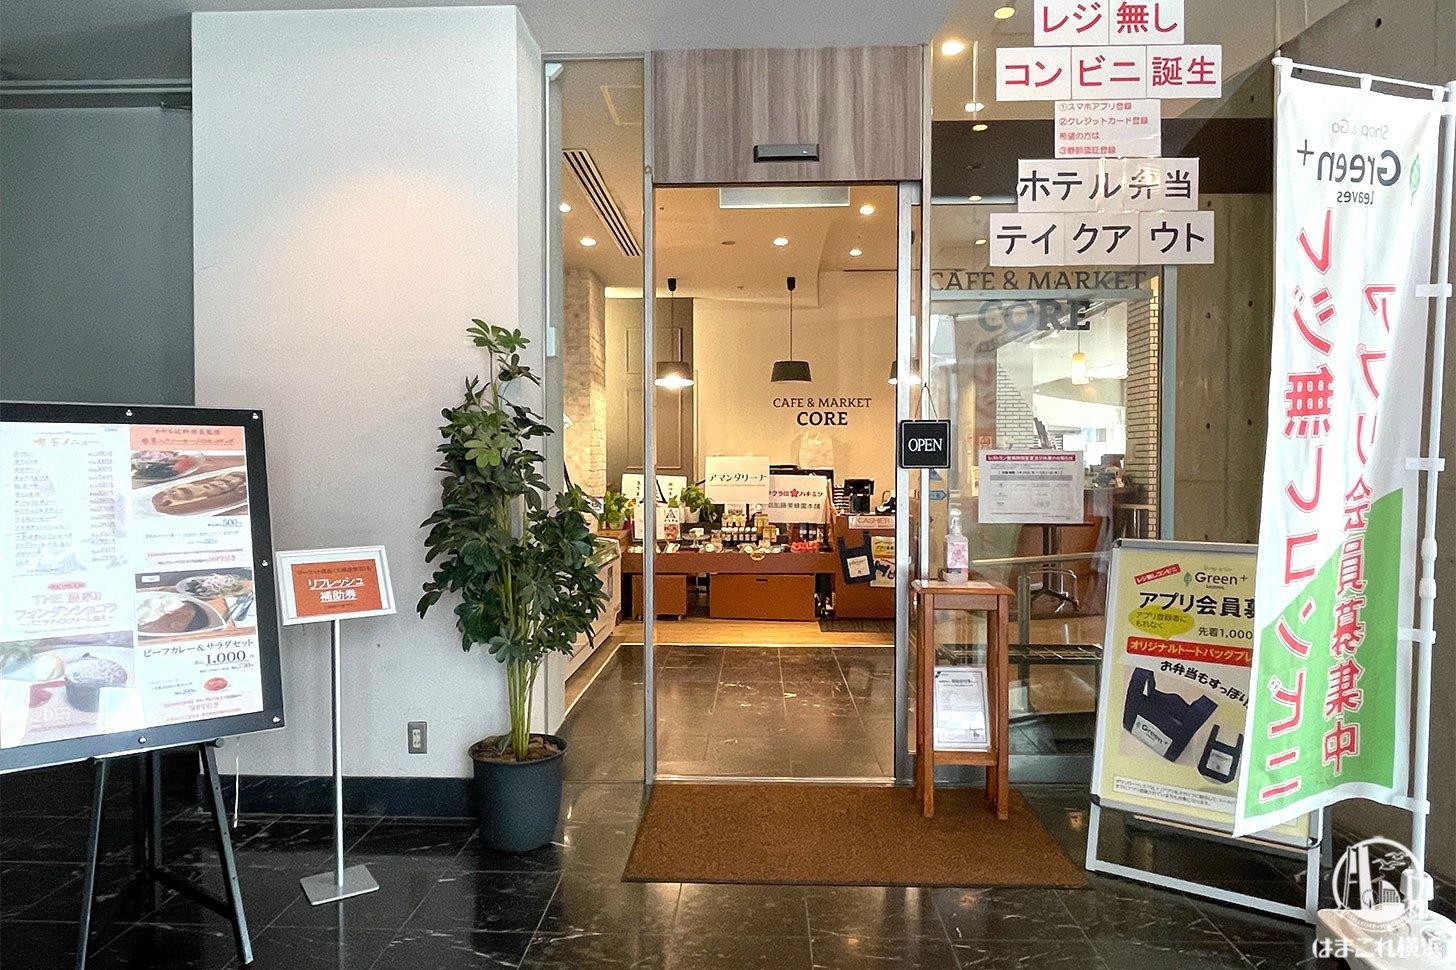 カフェ&マーケットCORE 入口